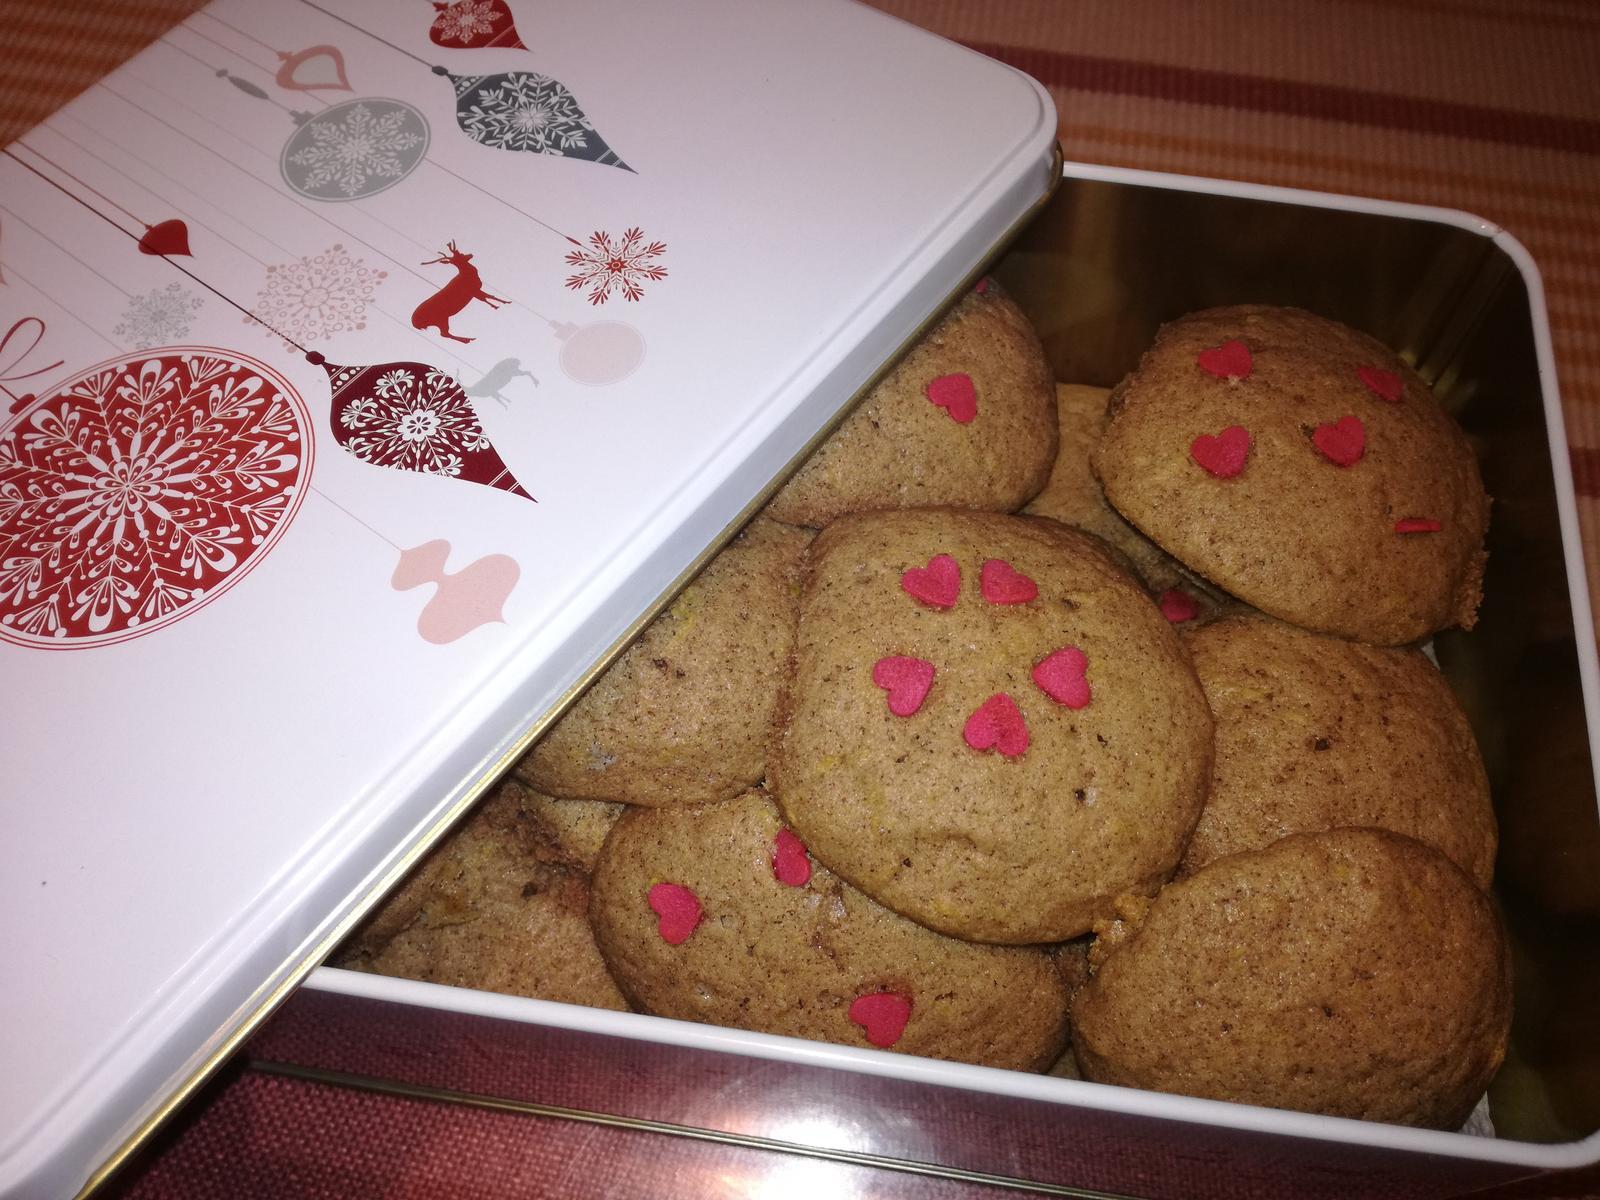 🎄🎁🍪Napečené, darčeky pobalené takto handmade...už len dovariť. Želám Vám dievčence krásne a pokojné Vianoce v kruhu najbližších 😘 #diywrappinggift #gingercookie #stastneavesele - Obrázok č. 2